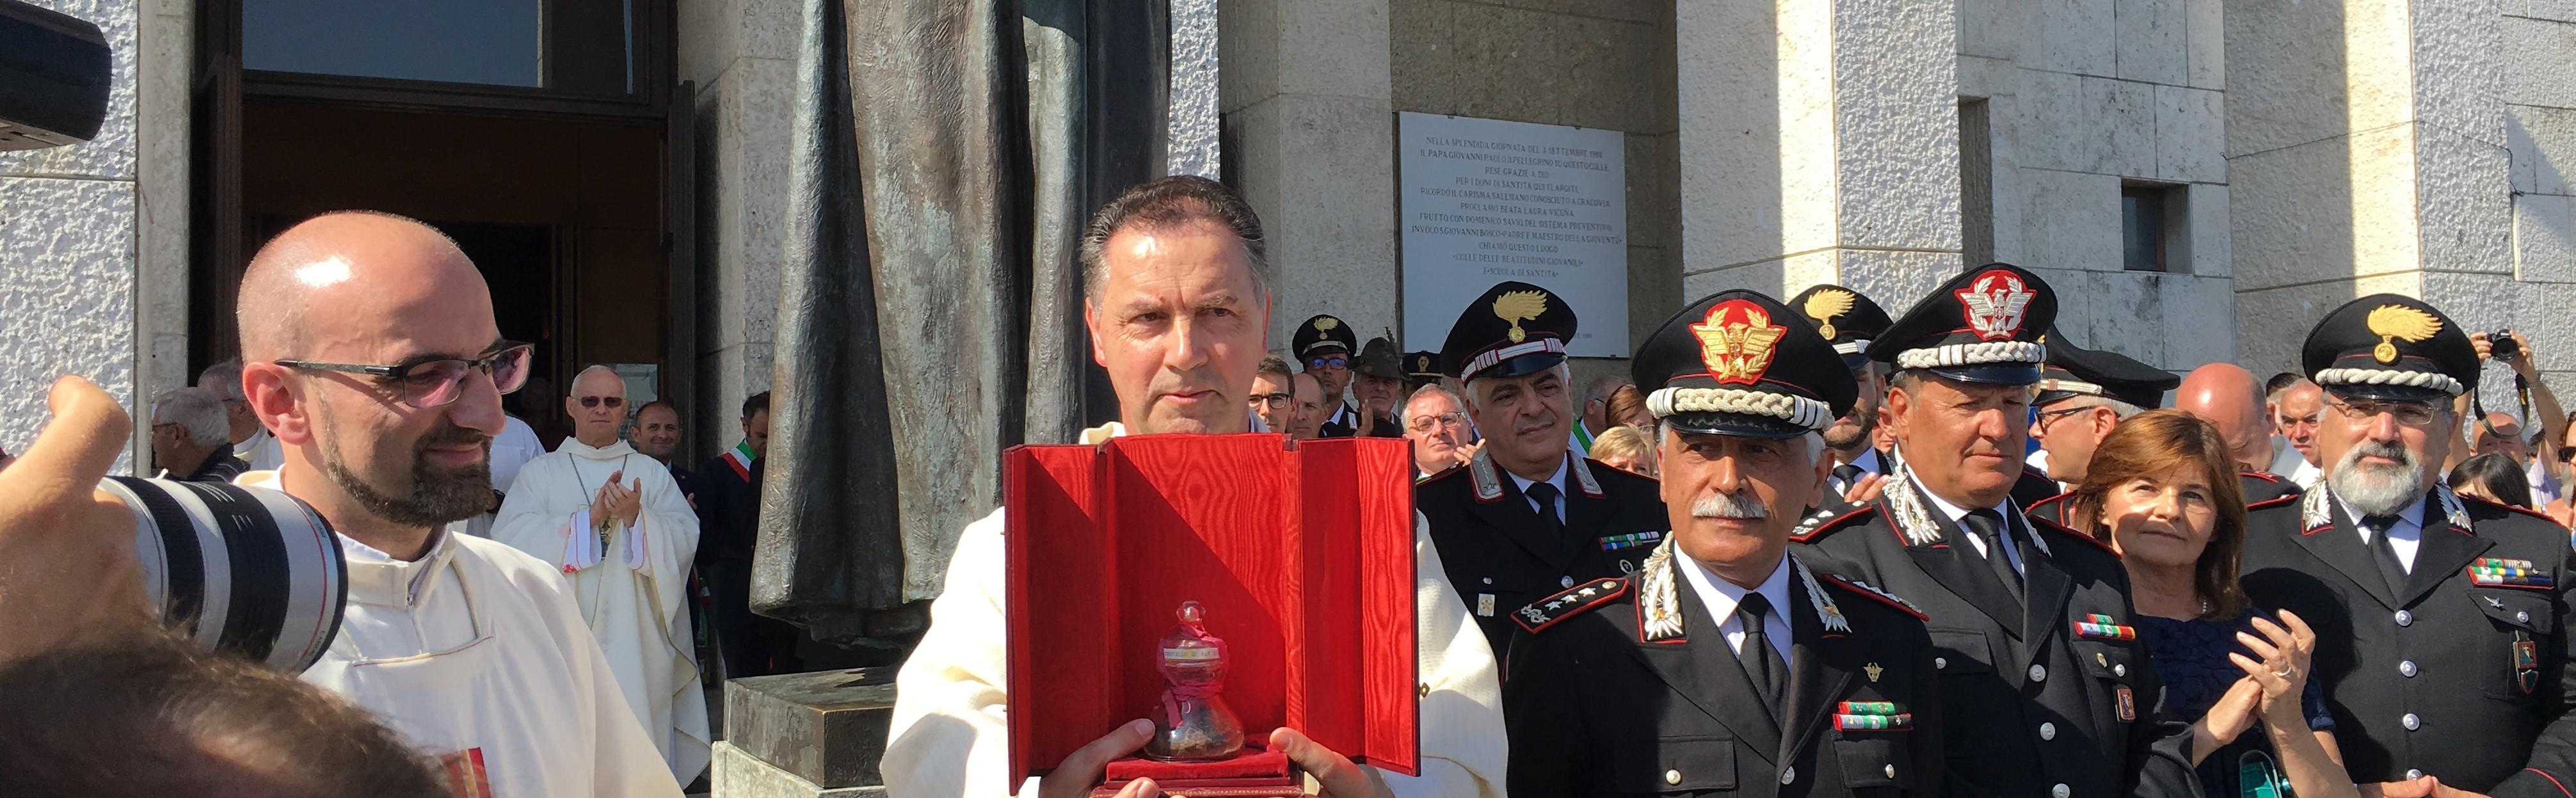 Ricollocazione della reliquia di don Bosco